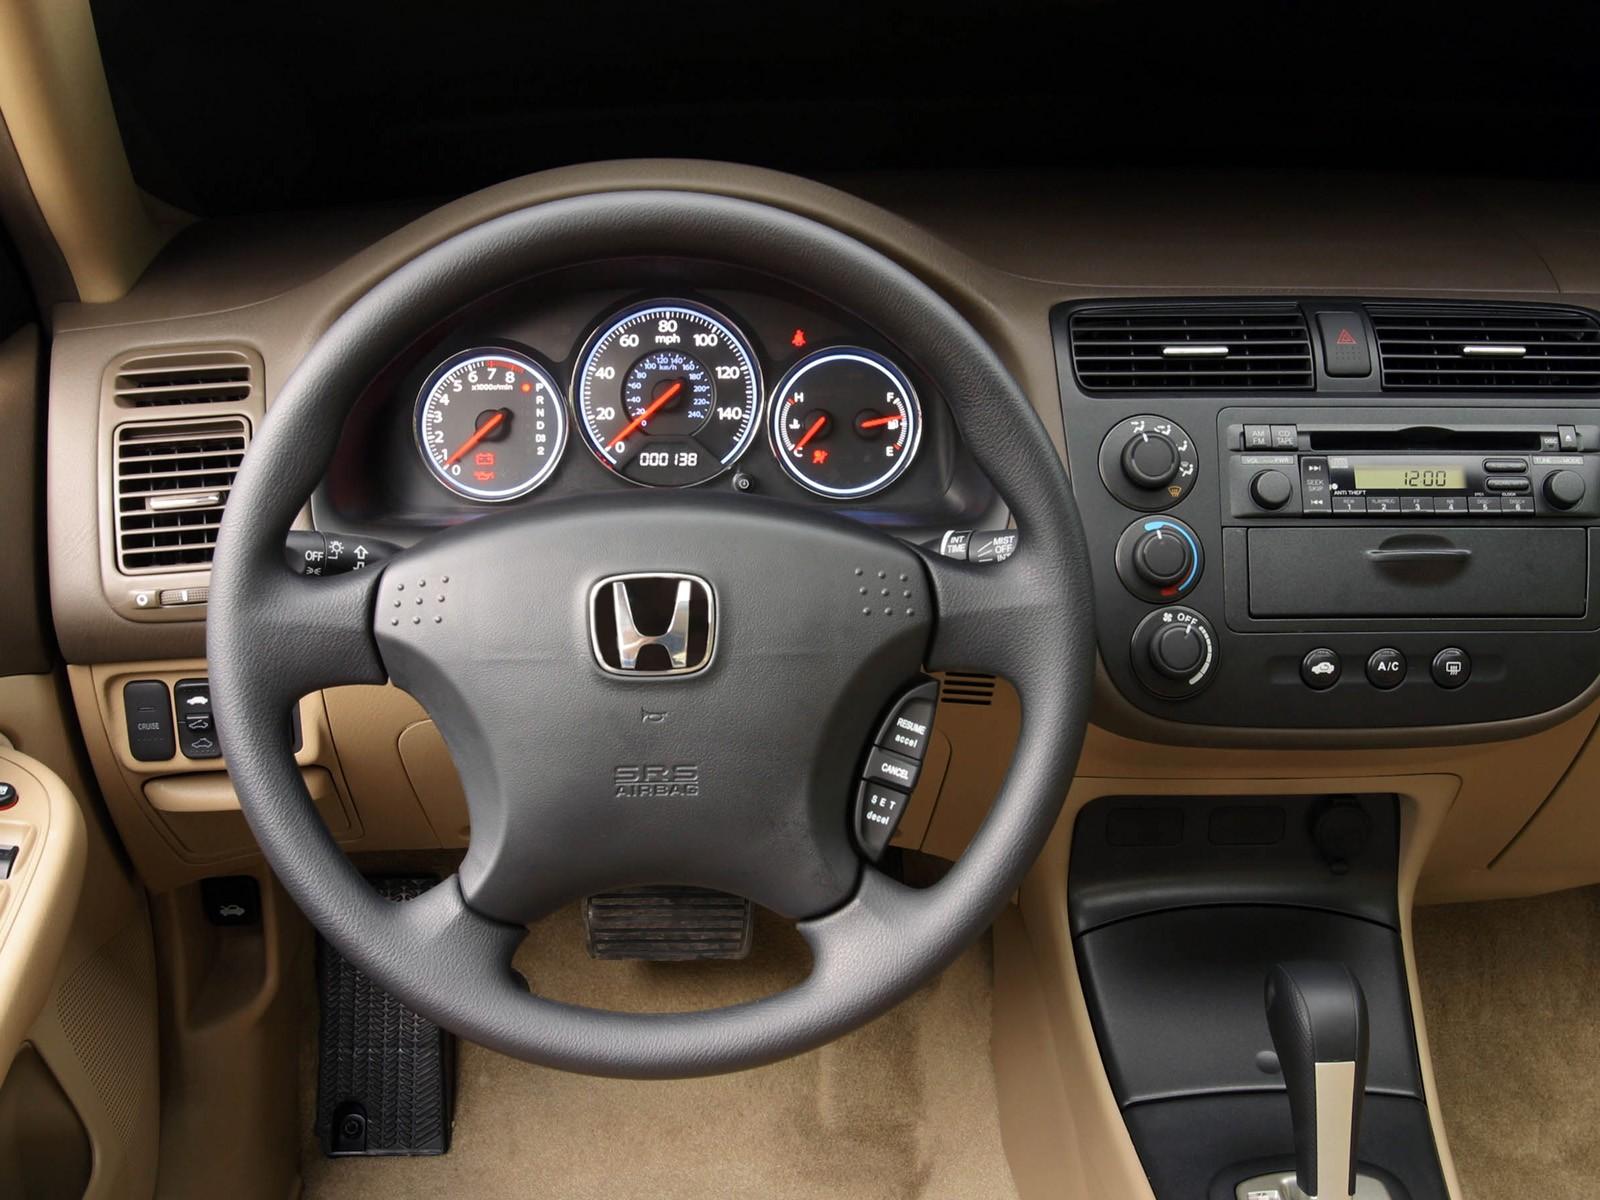 Ещё один человек убит подушками Takatа: его Honda не прошла бесплатный ремонт